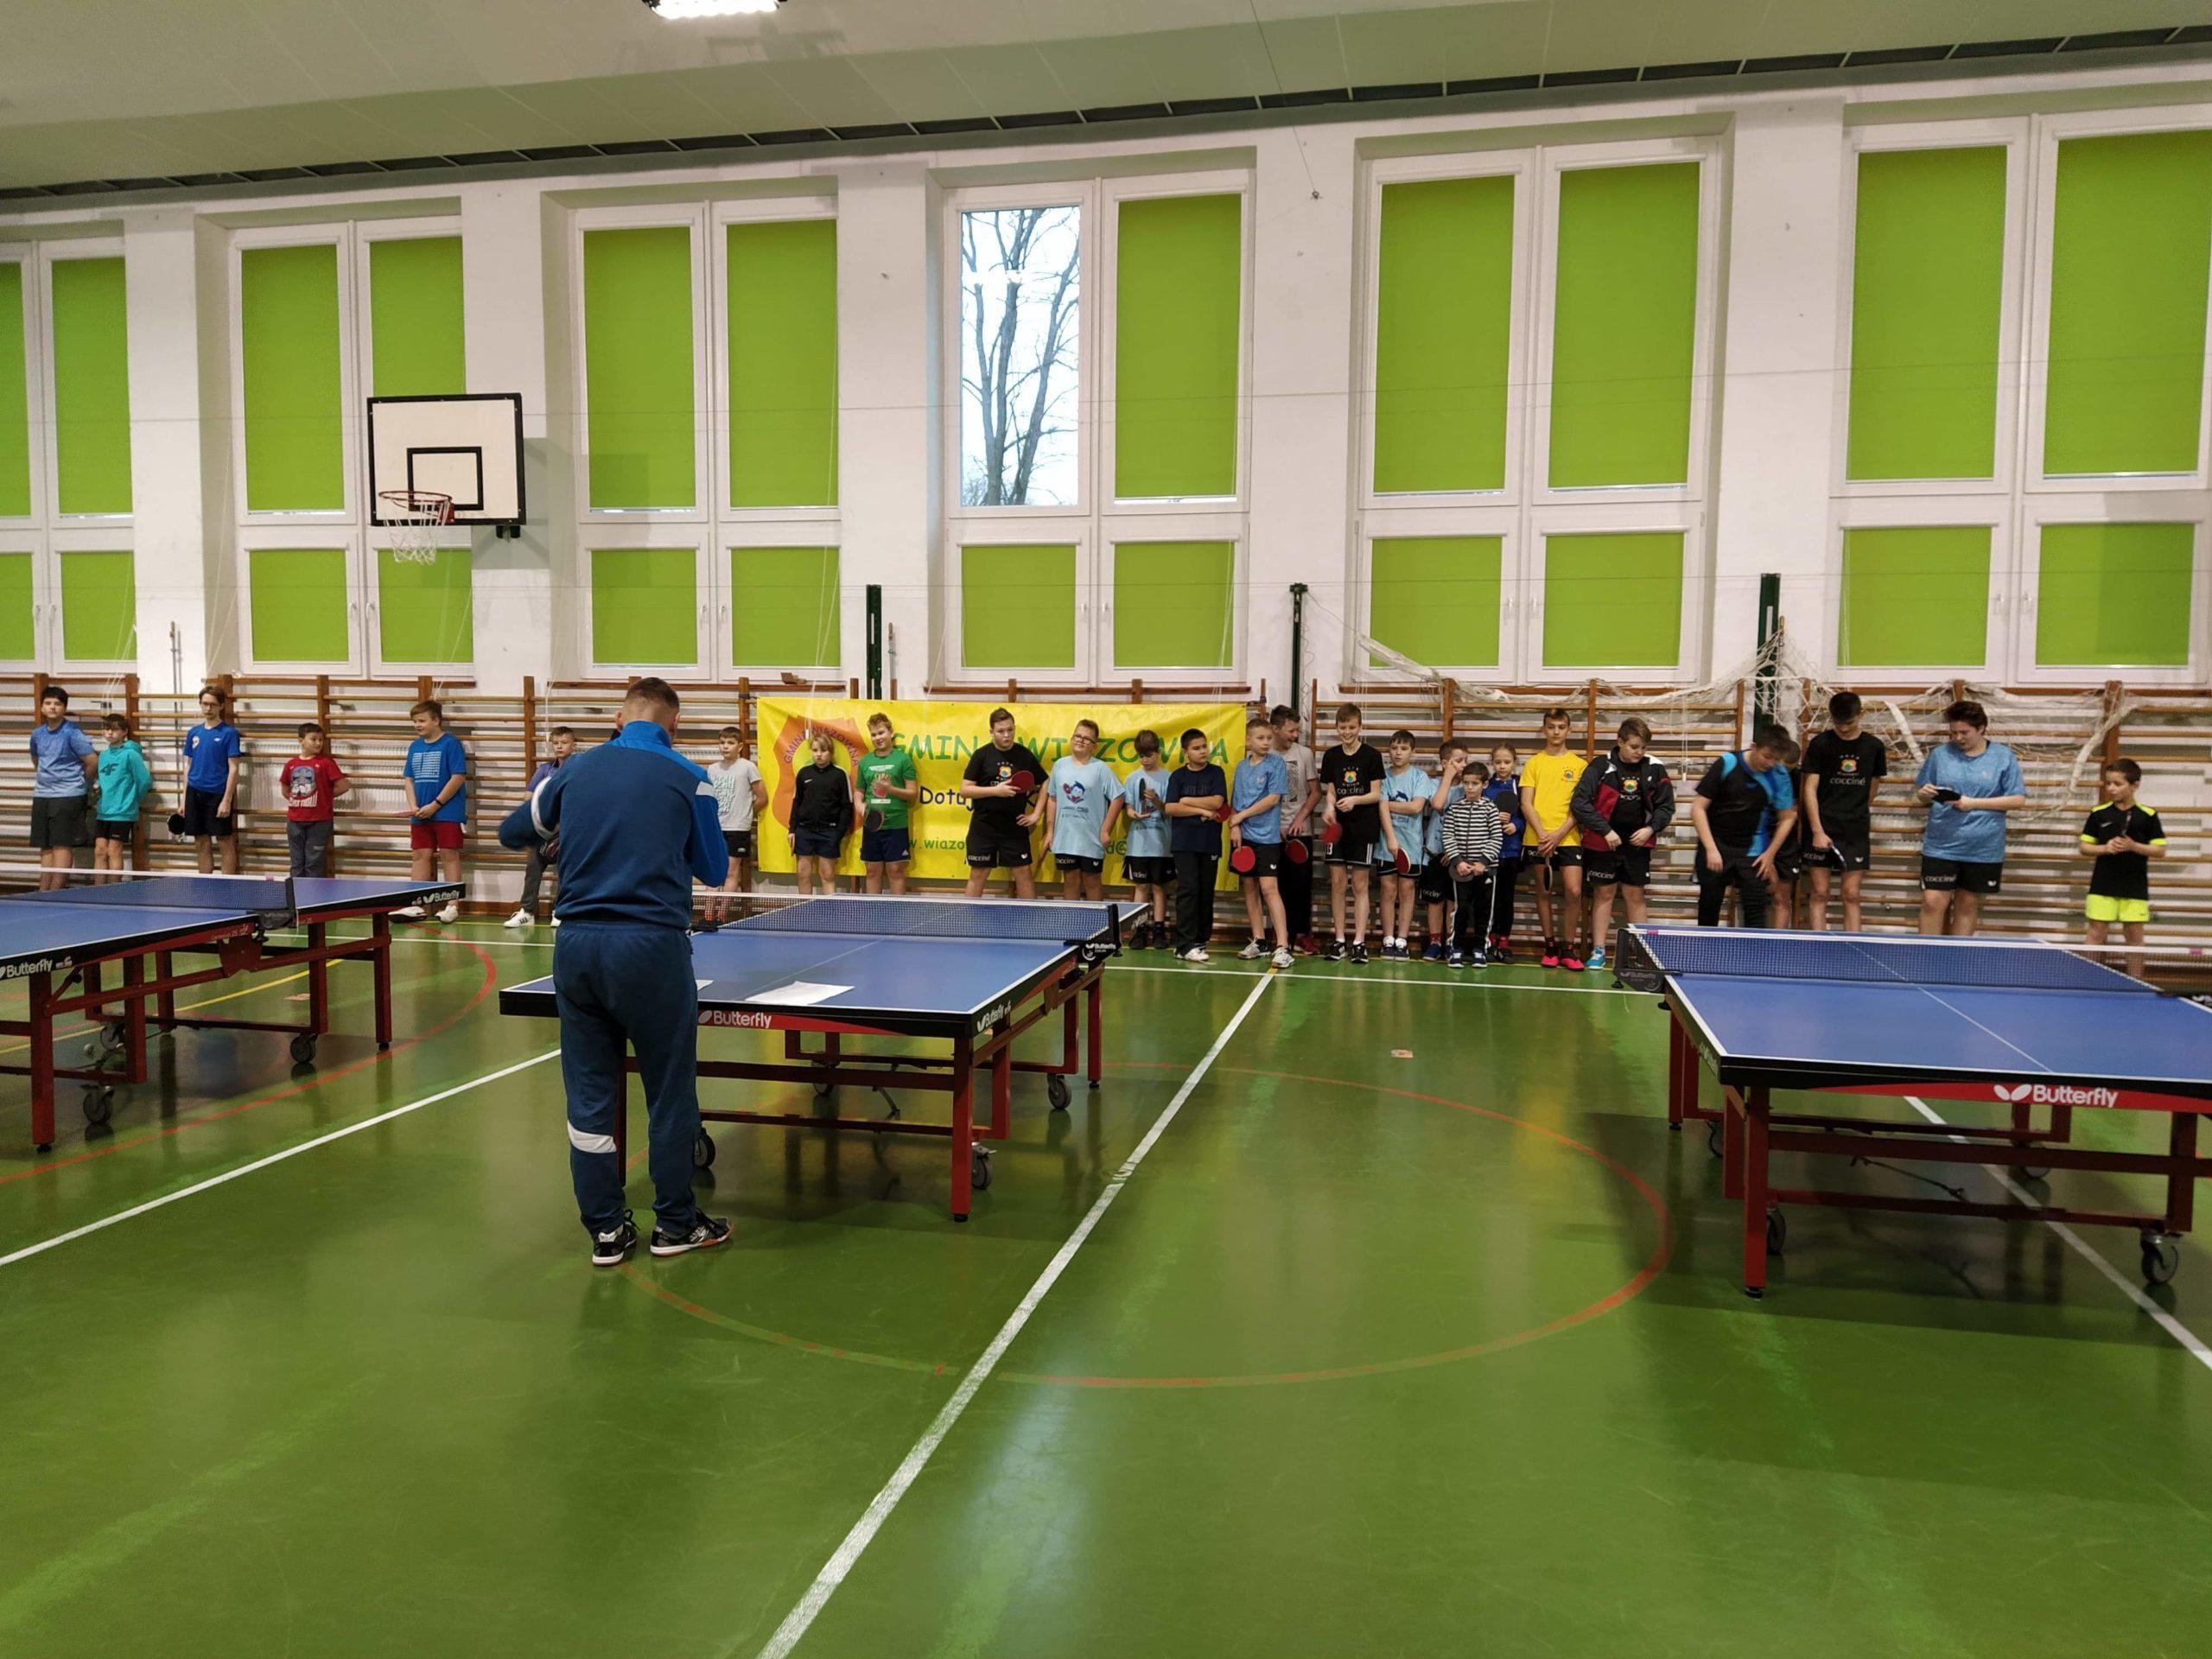 Mikołajkowy Turniej Tenisa Stołowego w Szkole Podstawowej w Wiązownie